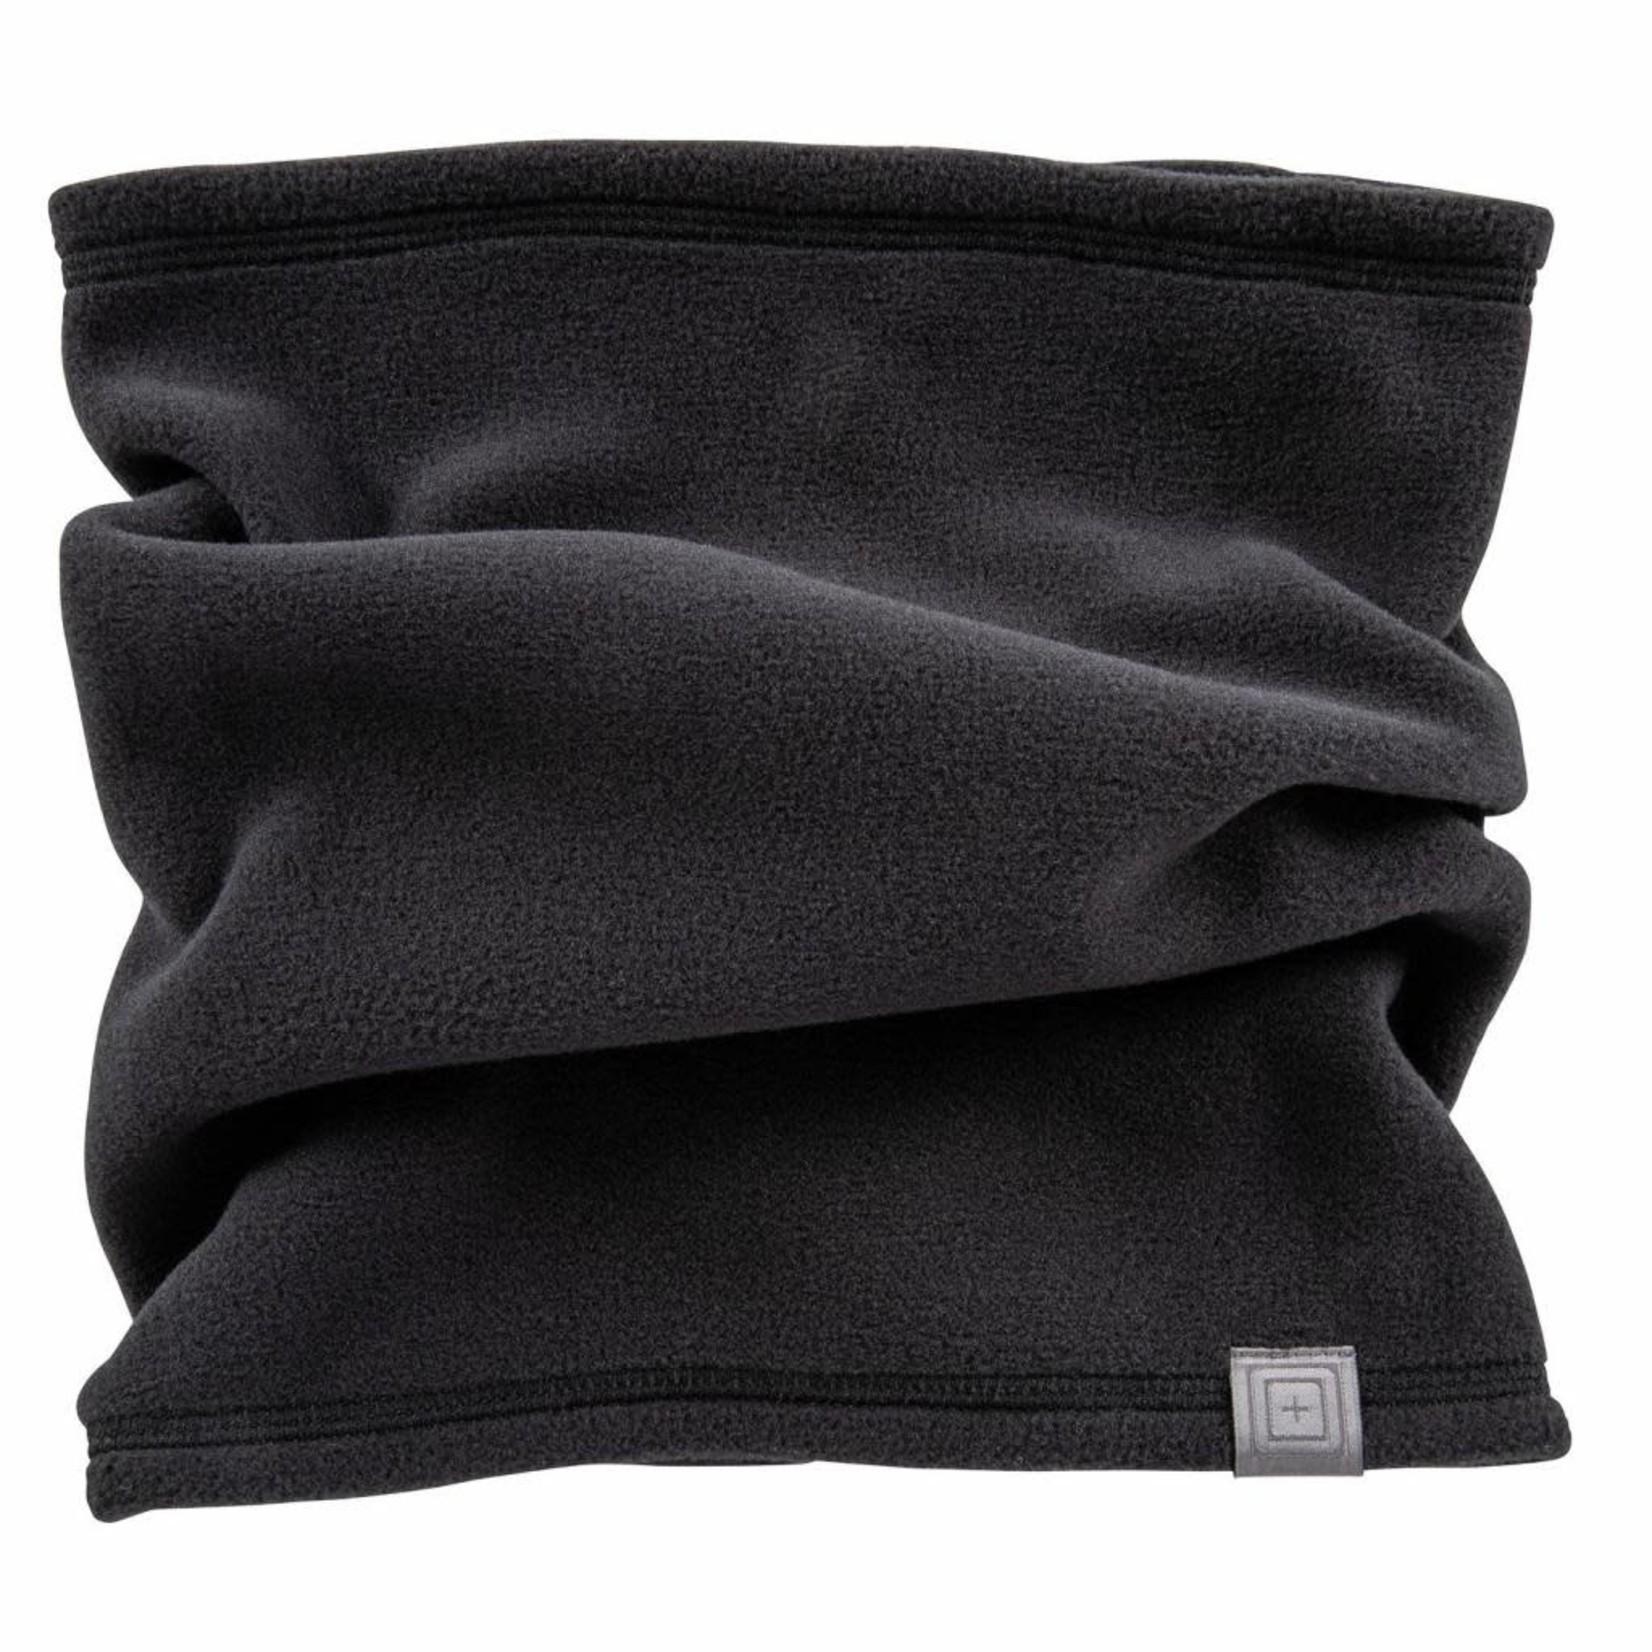 5.11 Tactical 5.11 Fleece Neck Gaiter